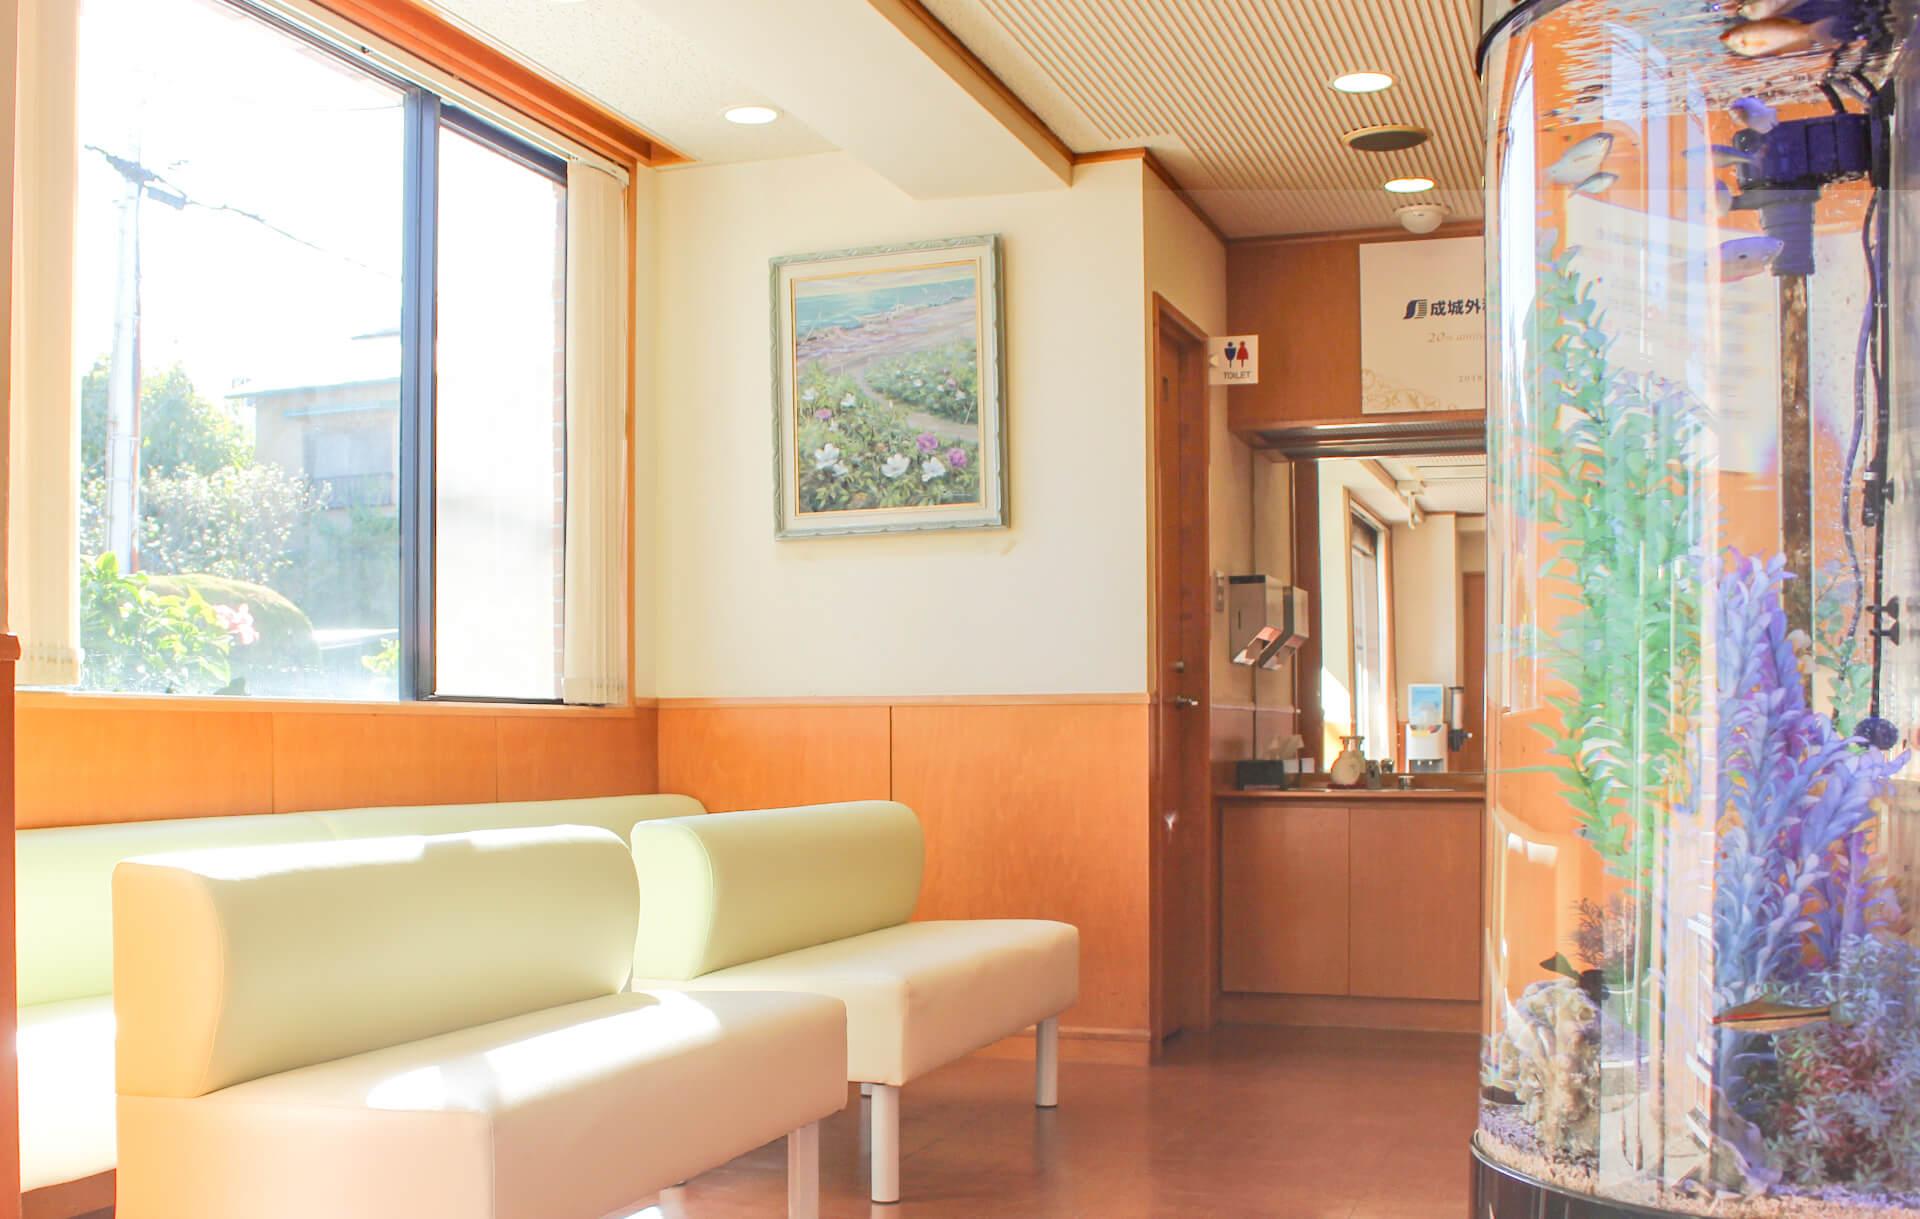 【画像】医院受付